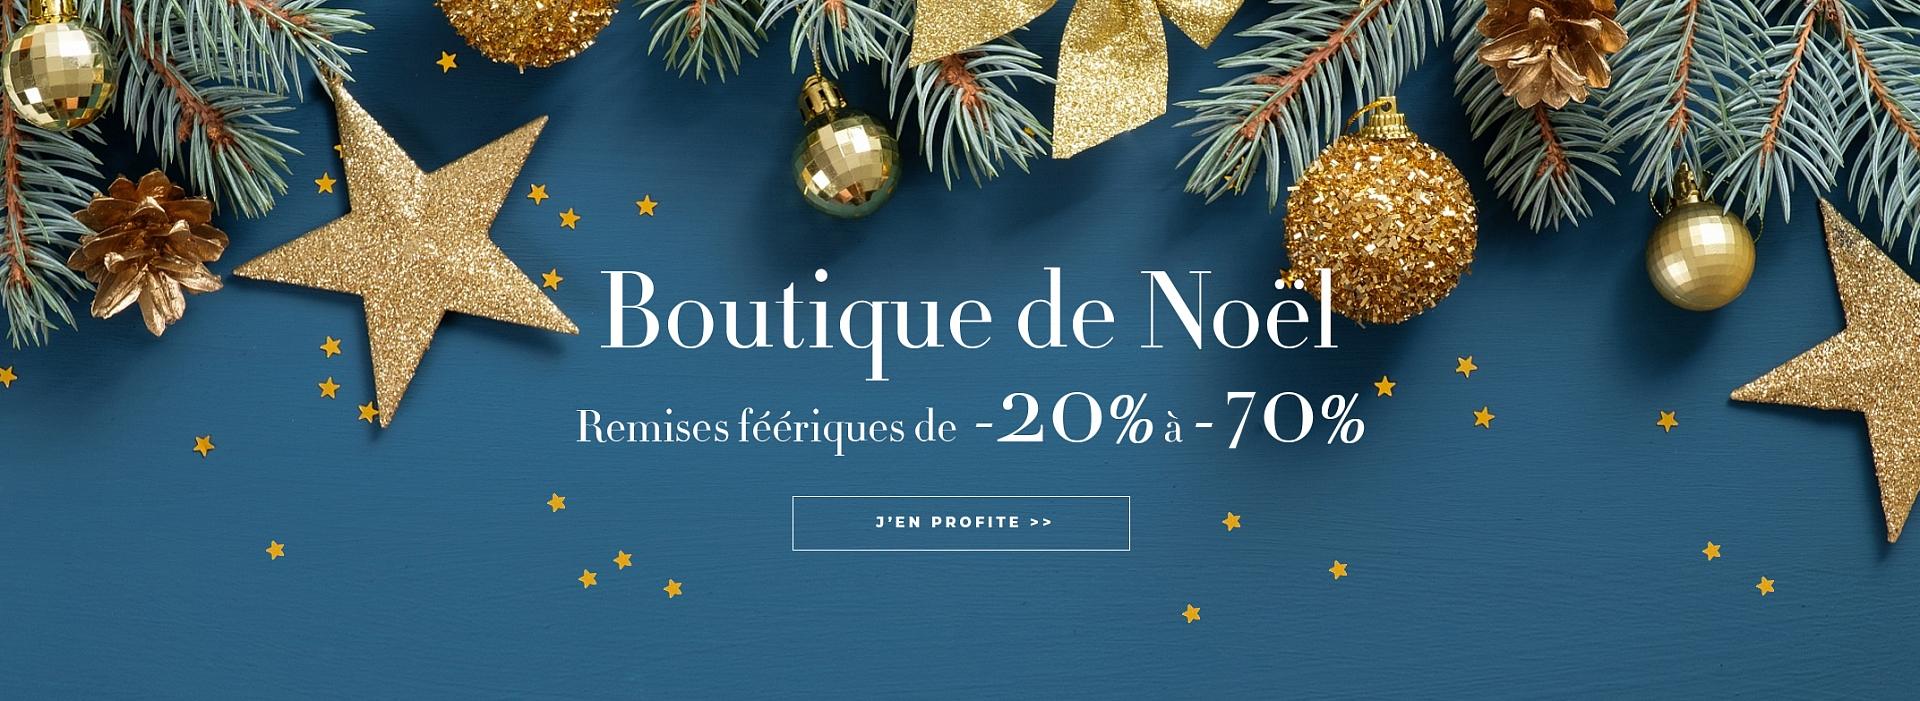 Boutique de Noël 2019